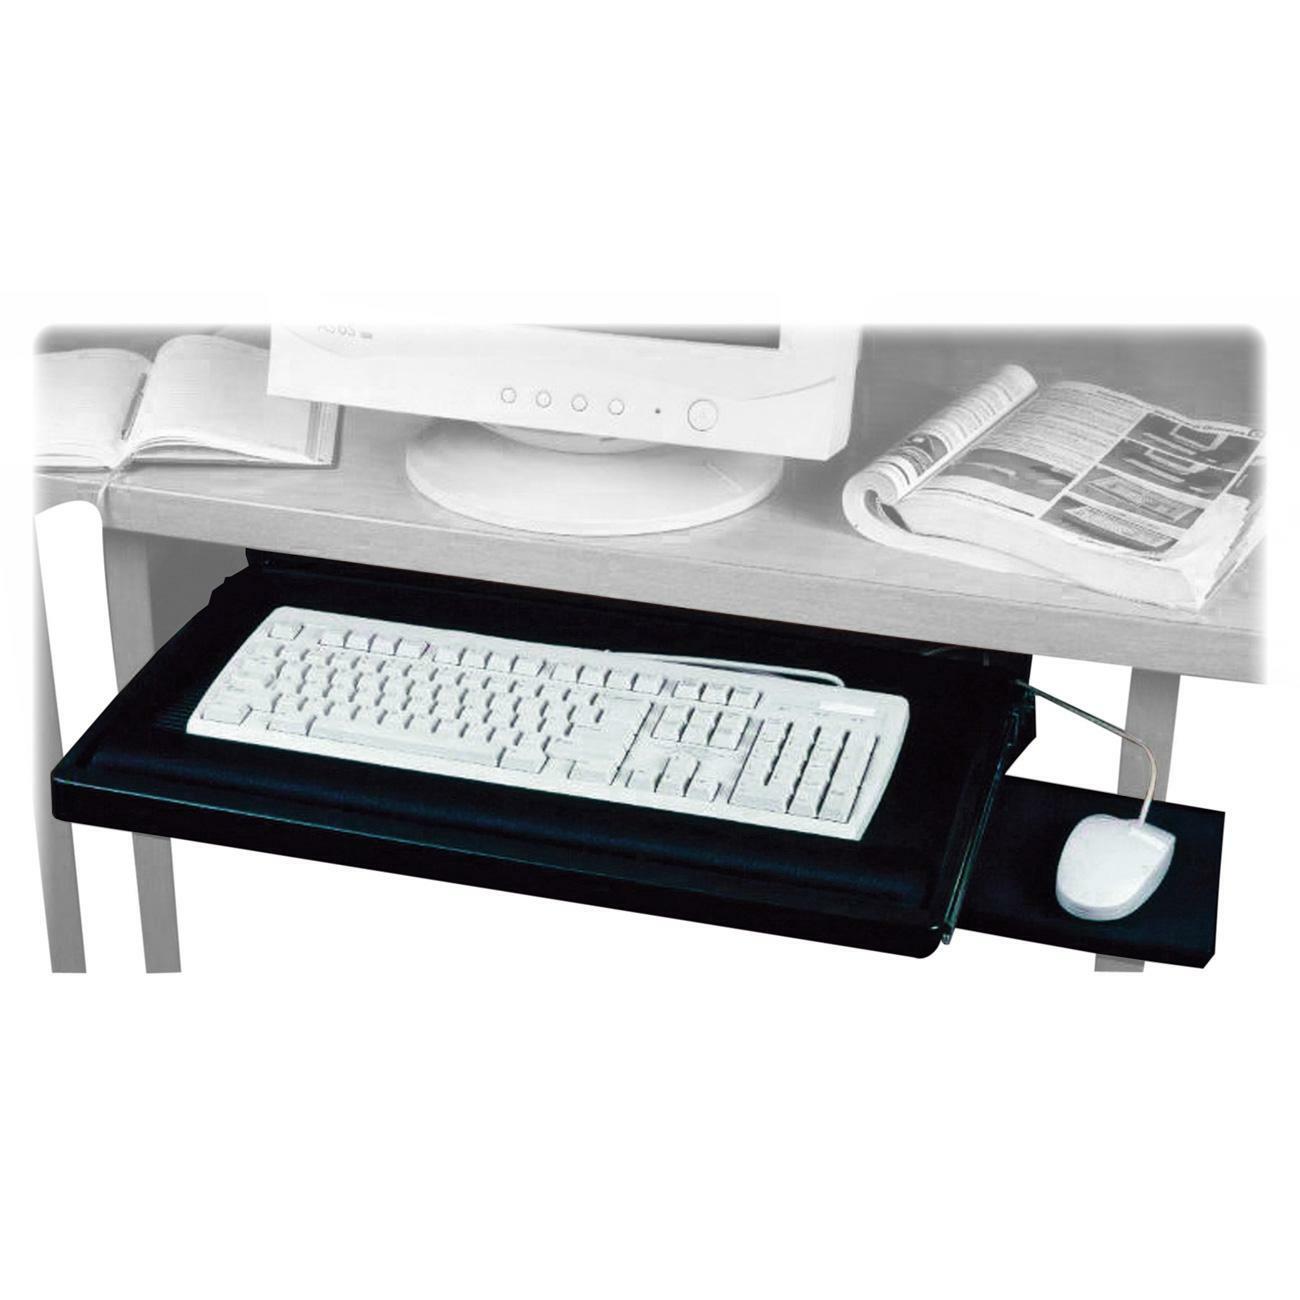 underdesk arm etrn drawer arms flex ergonomic main ergotron keyboard neo